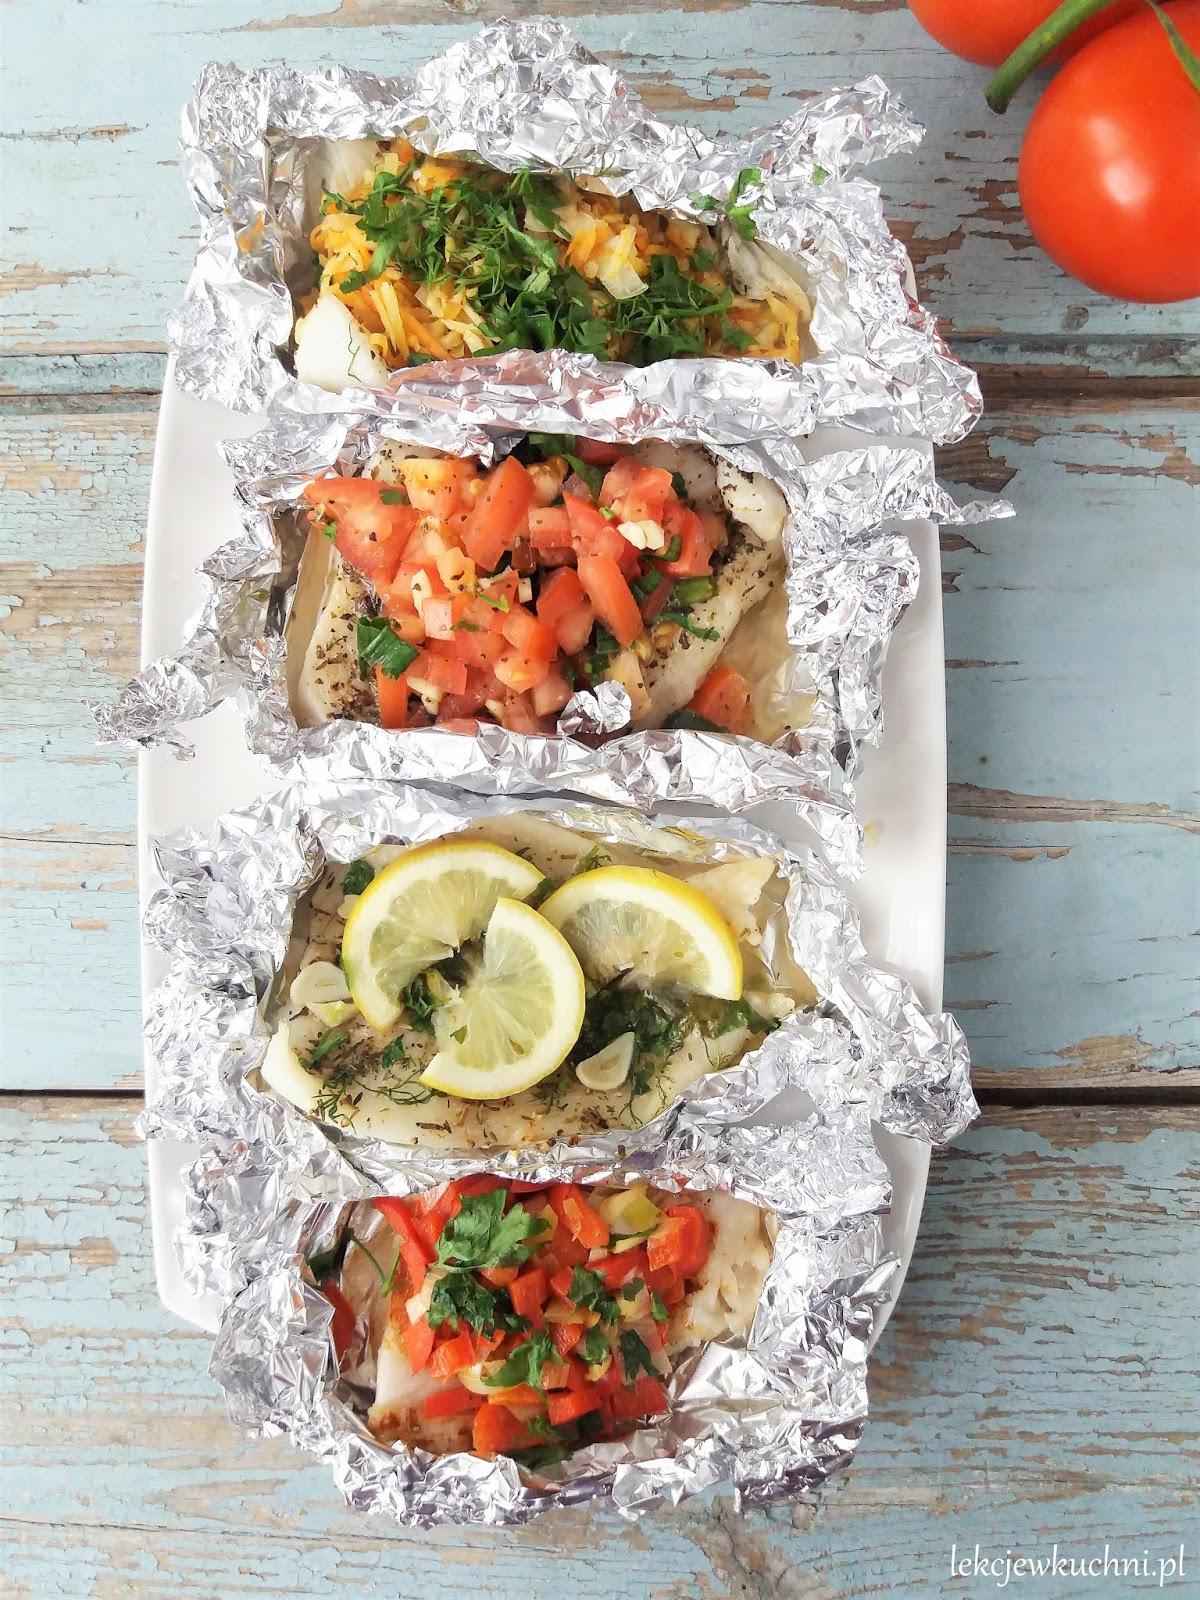 Ryba W Folii Z Warzywami Z Grilla Lub Z Piekarnika Baked Or Grilled Fish With Vegetables Lekcje W Kuchni